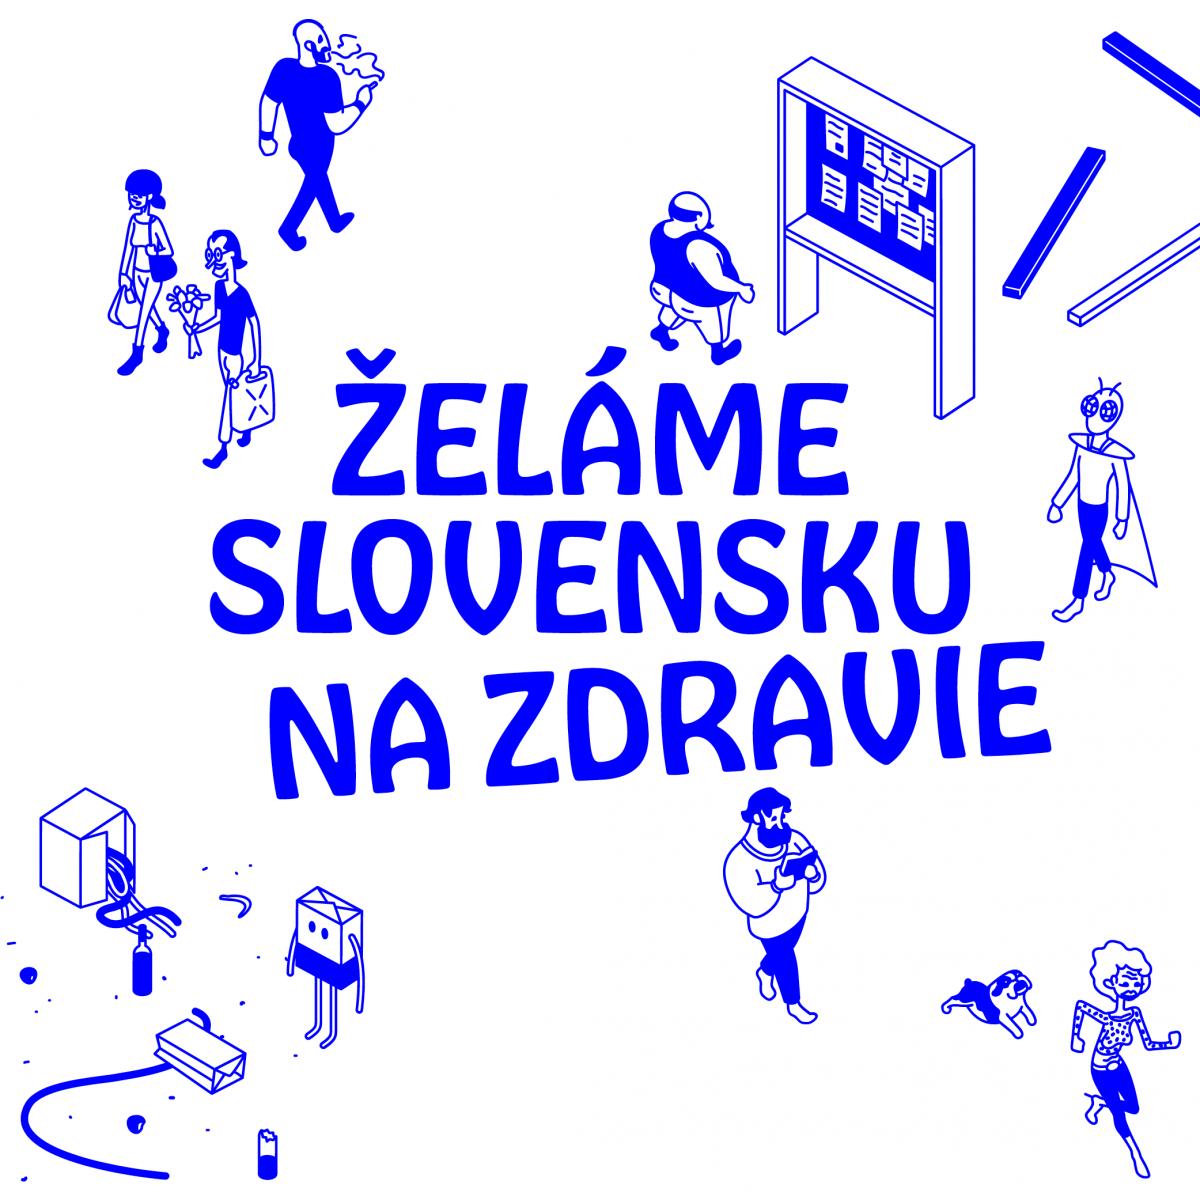 Jedenásť kultúrnych združení a asociácií zverejnilo otvorenú výzvu Želáme Slovensku na zdravie.